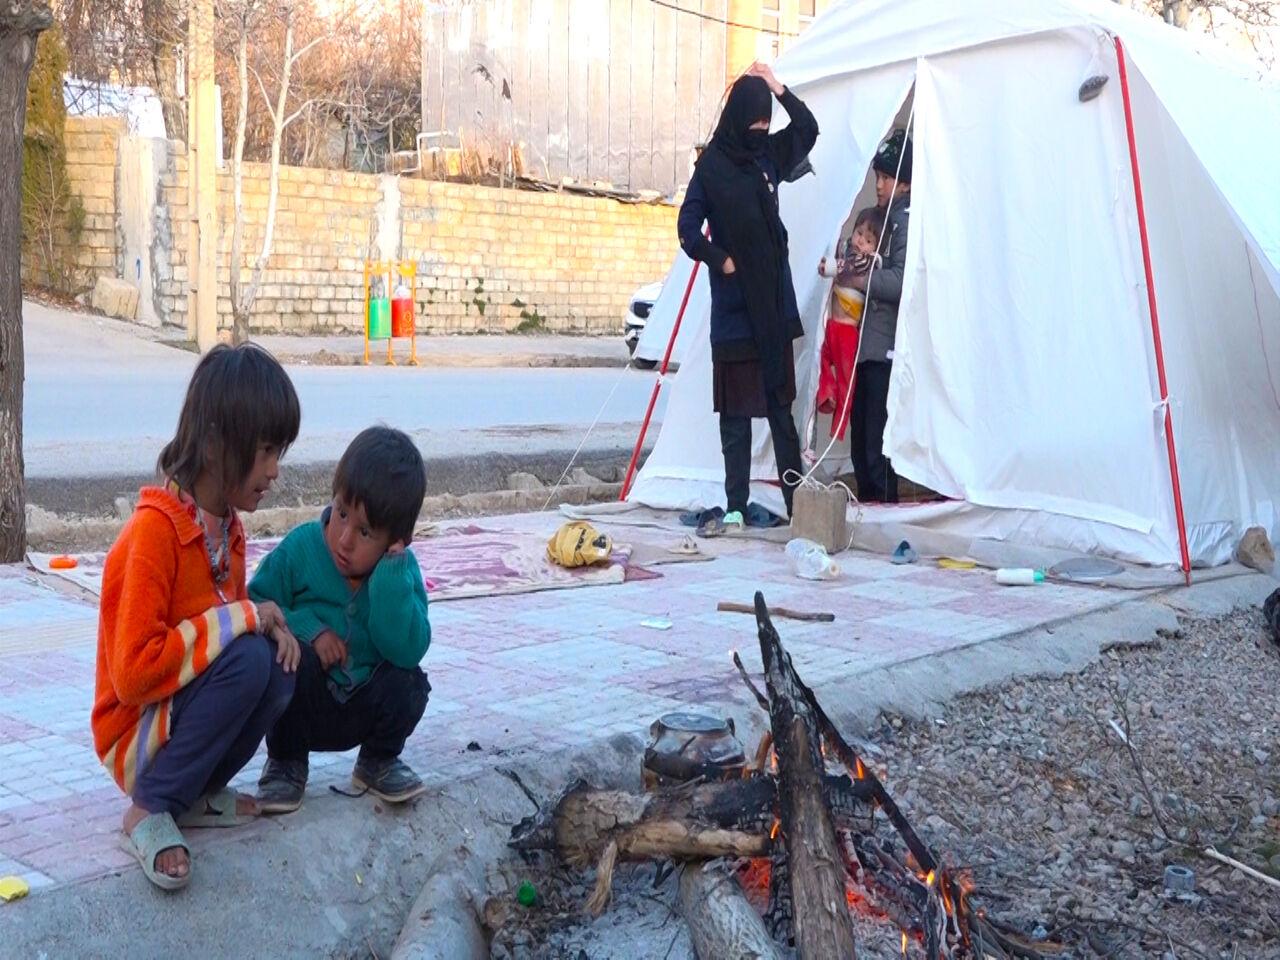 بازدید مسئولان از مناطق زلزله زده سی سخت